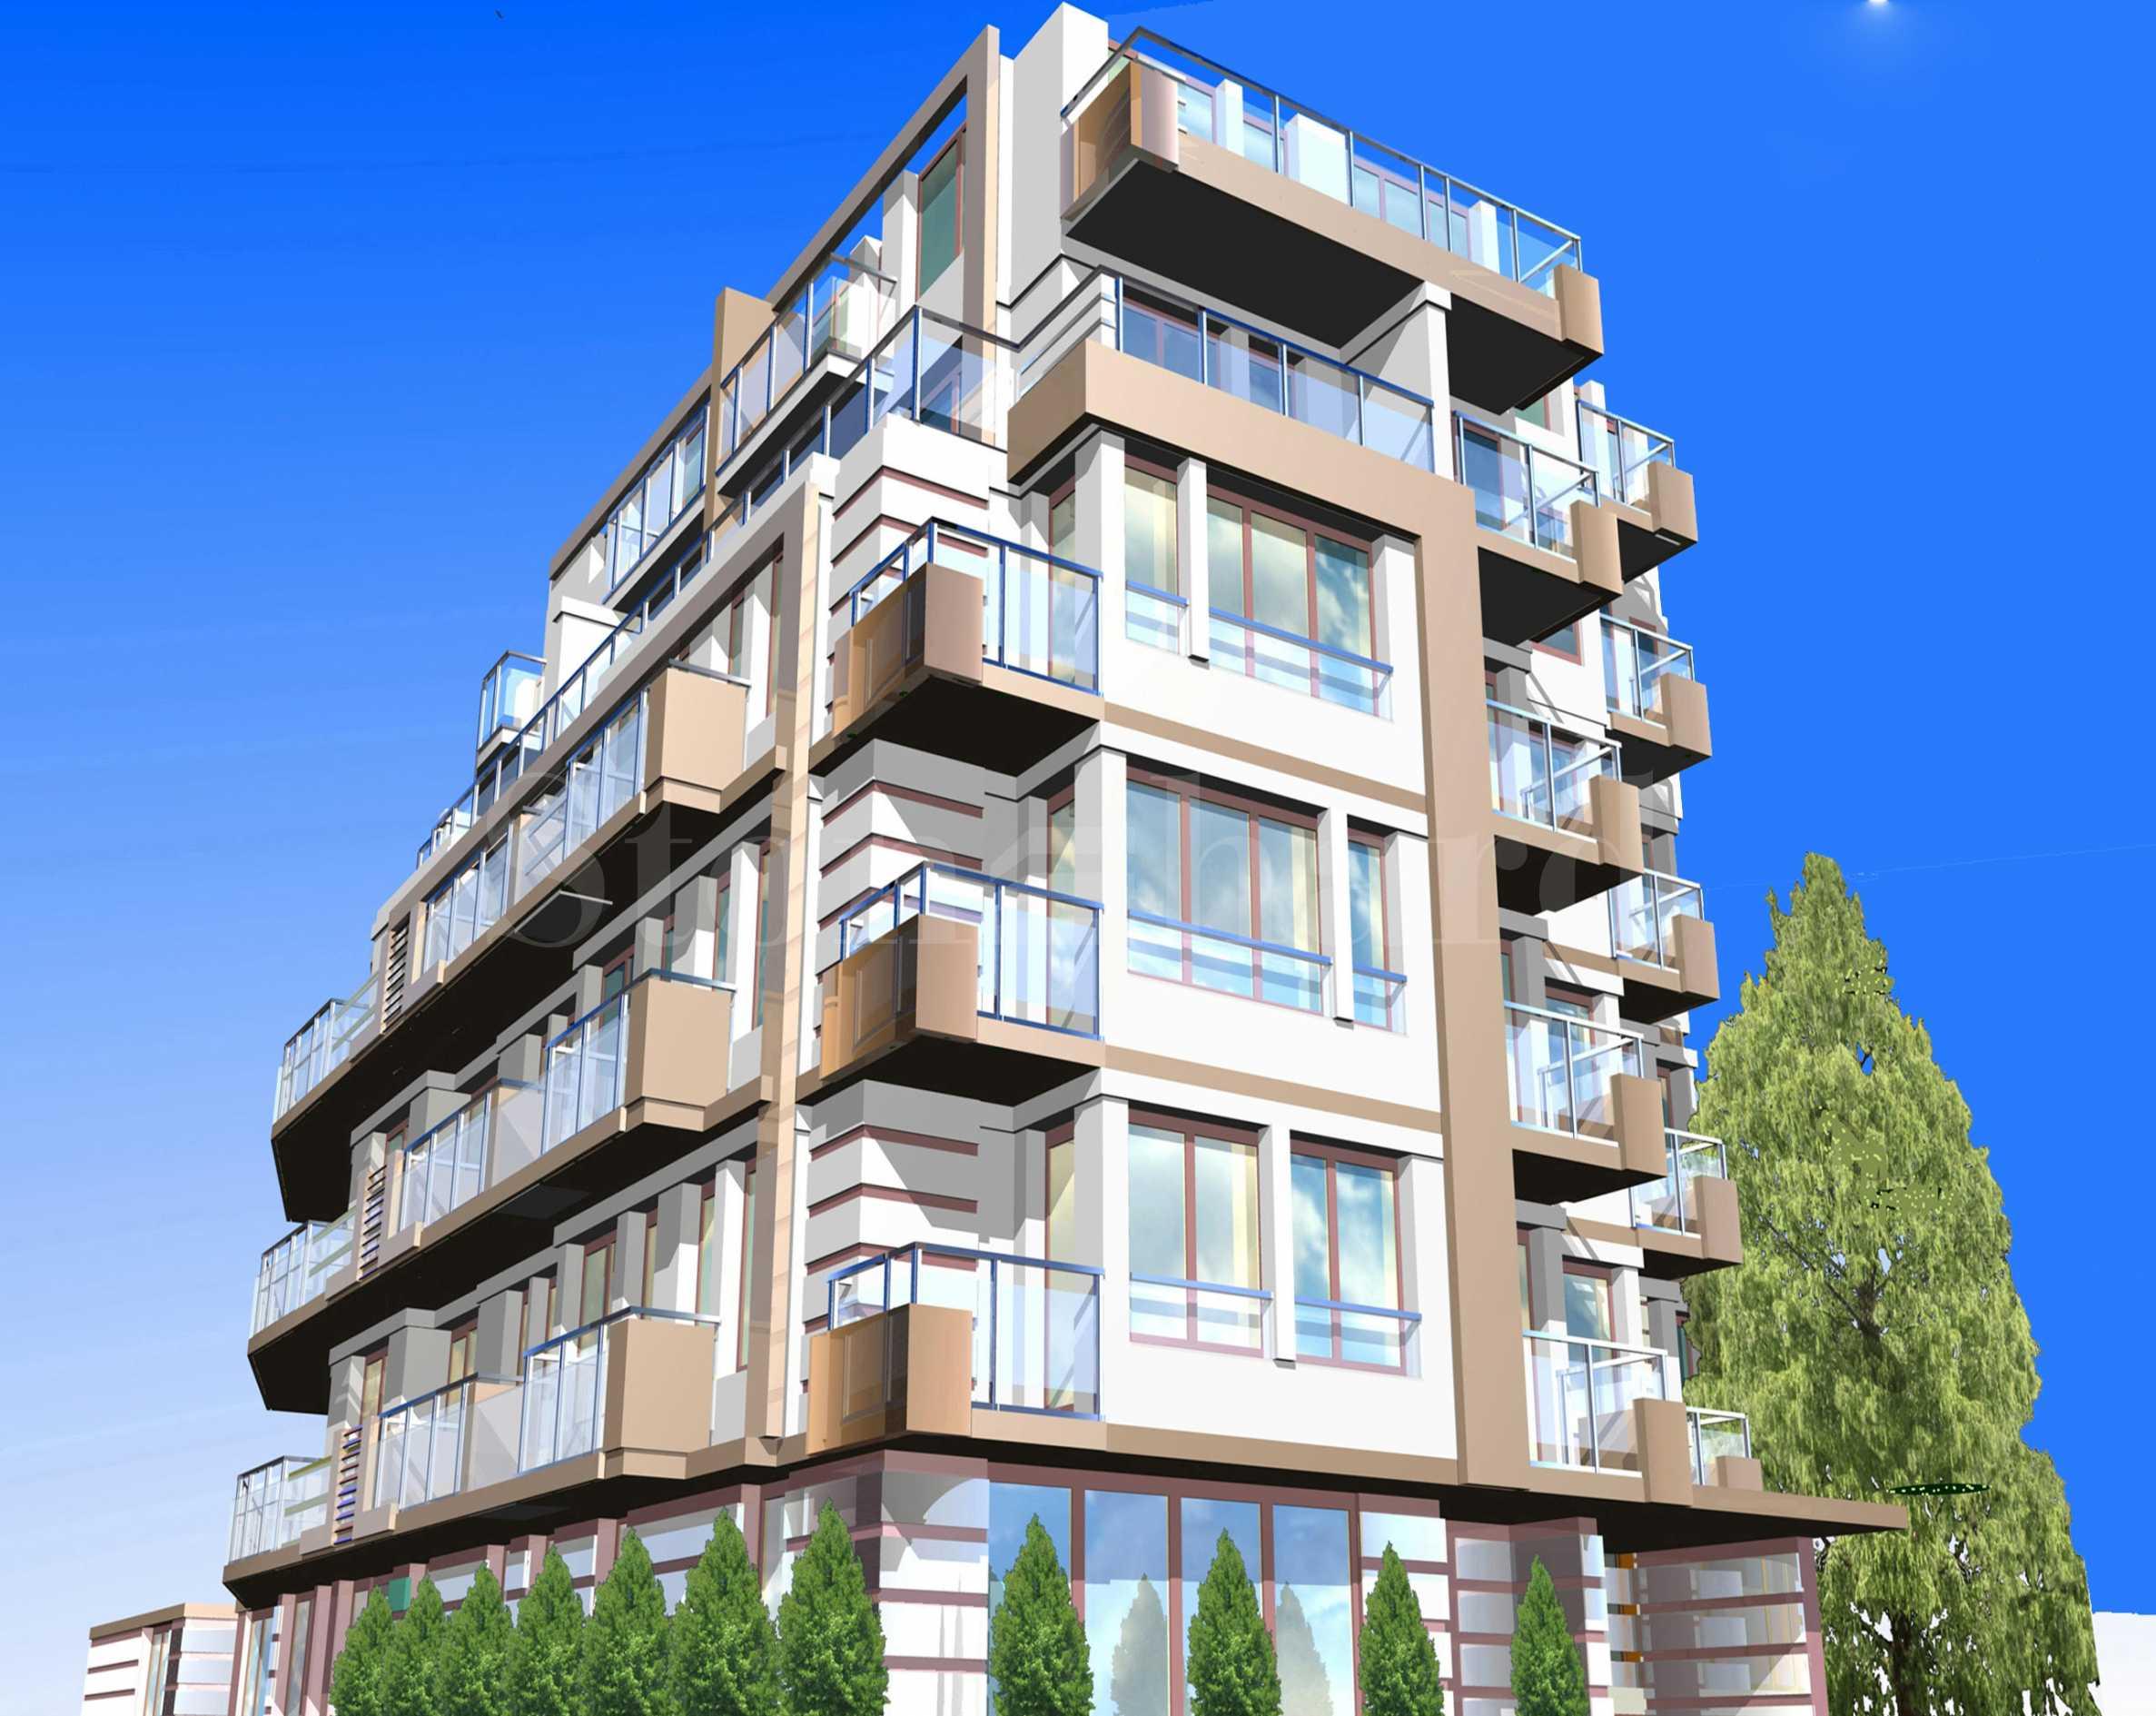 Жилищна сграда в кв. Манастириски ливади с различни типове апартаменти за продажба1 - Stonehard